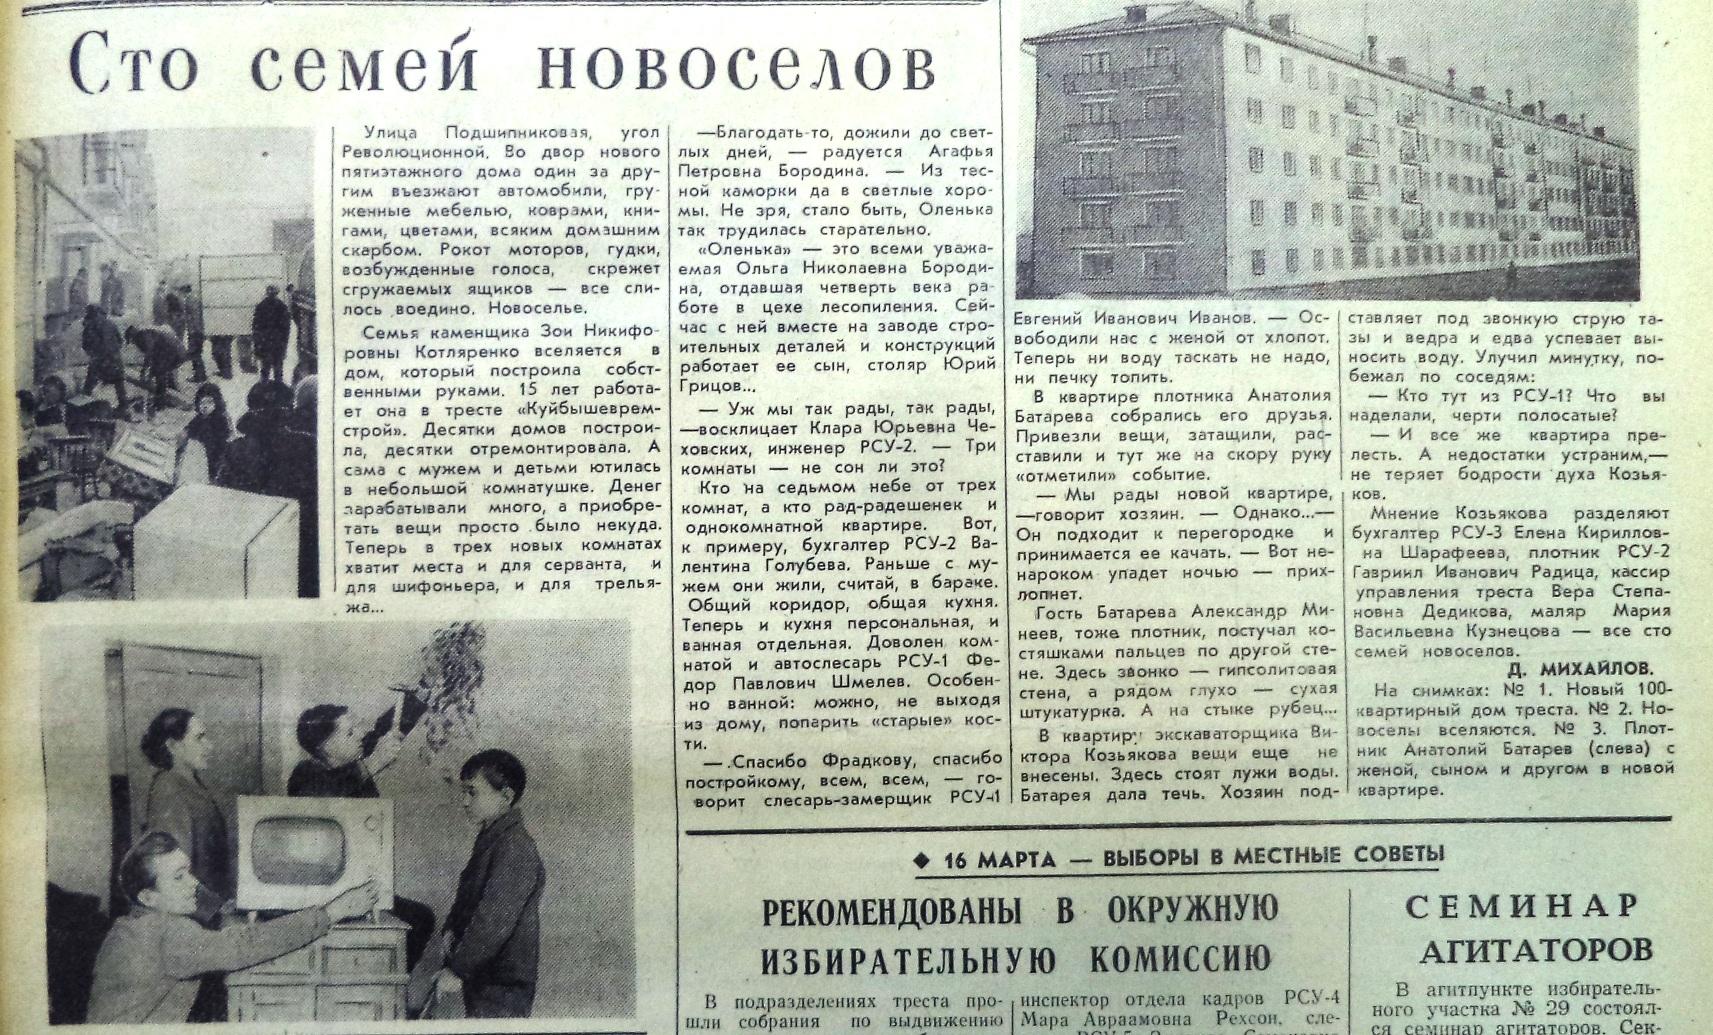 Подшипниковая-ФОТО-37-Голос Строителя-1969-4 февраля